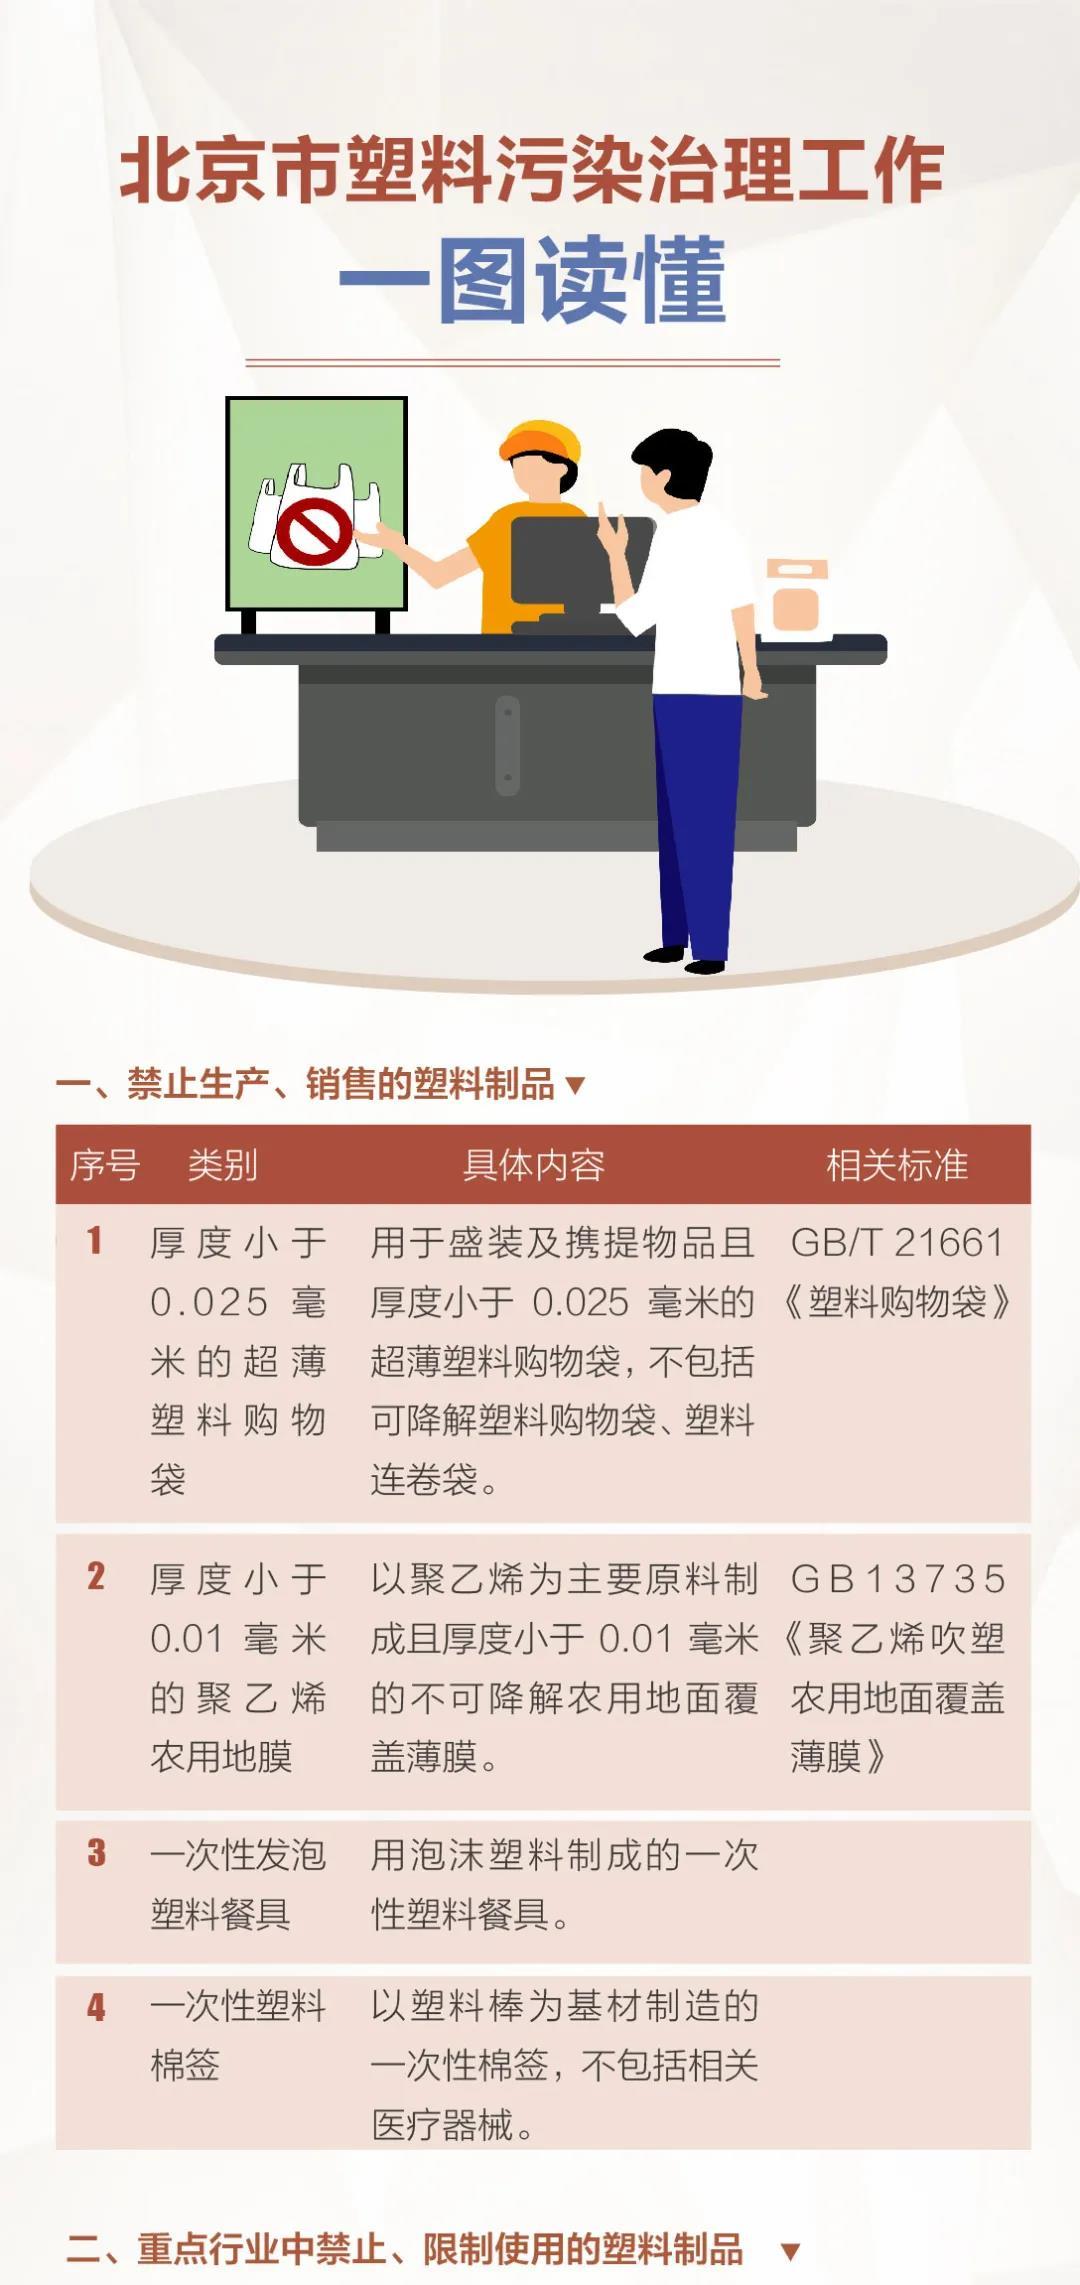 北京市塑料污染治理工作详解发布:外卖将禁用不可降解塑料袋